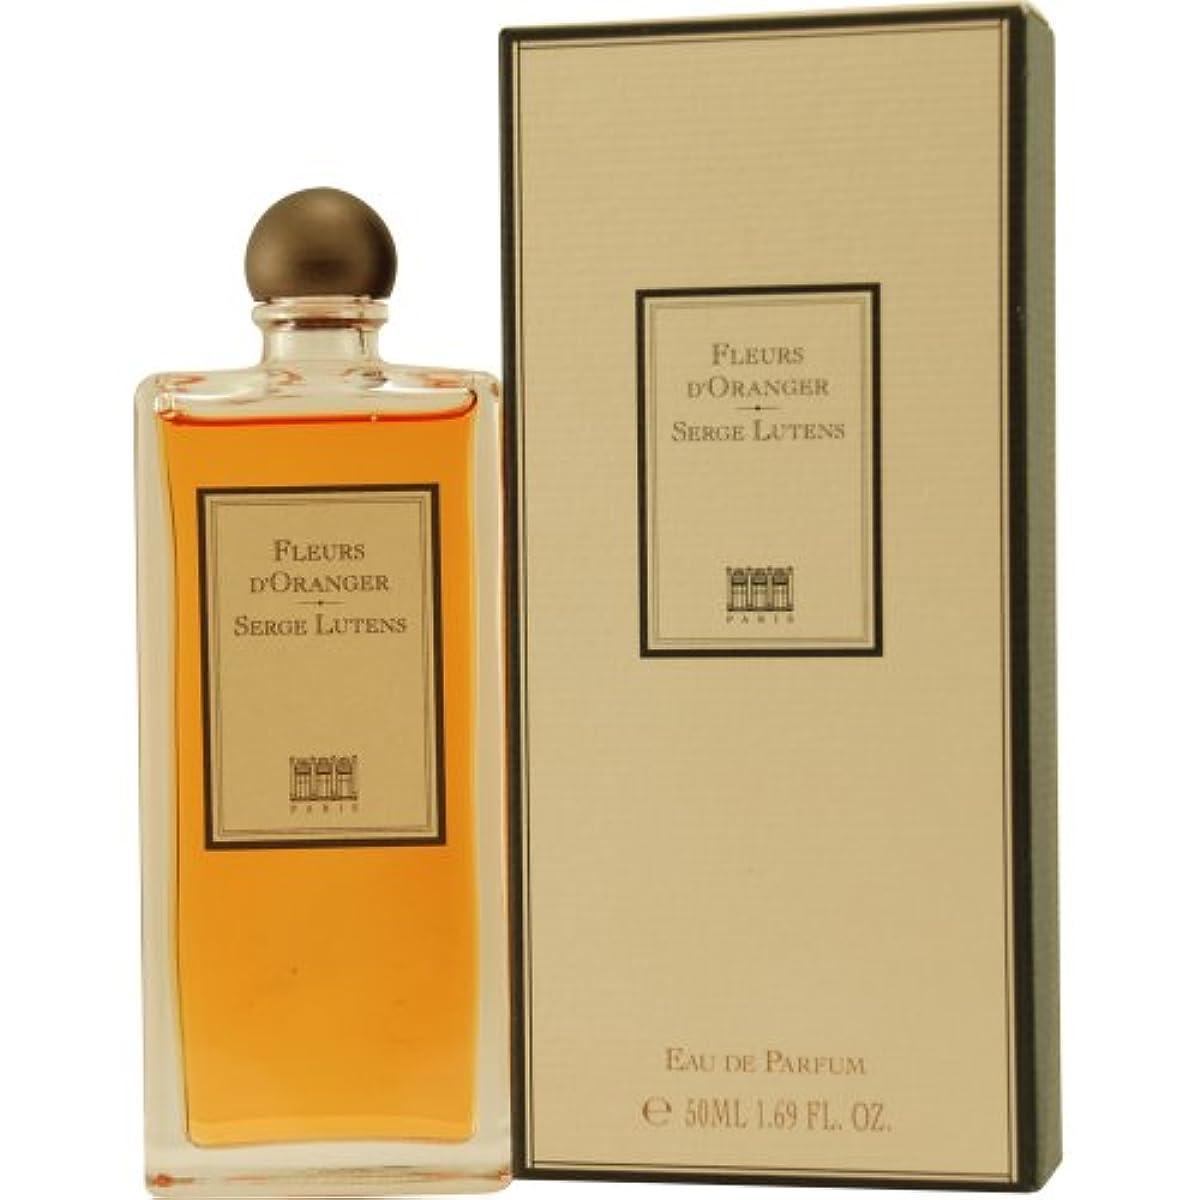 Serge Lutens Fleurs D'oranger Eau De Parfum Spray for Women, 1.7 Ounce